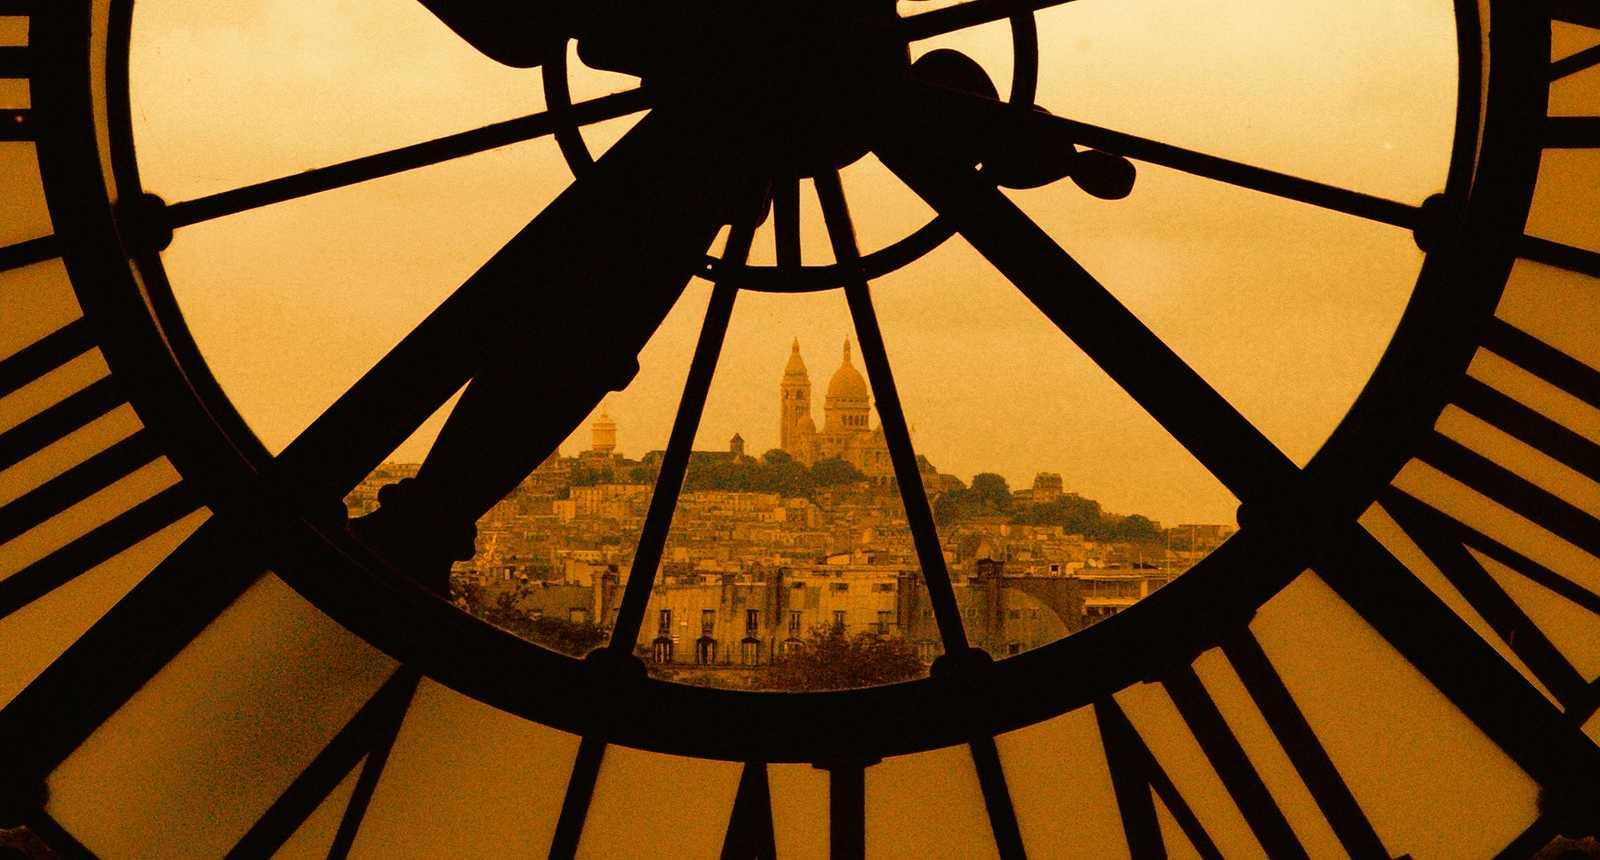 Le Sacré Coeur vu à travers l'Horloge du Musée d'Orsay